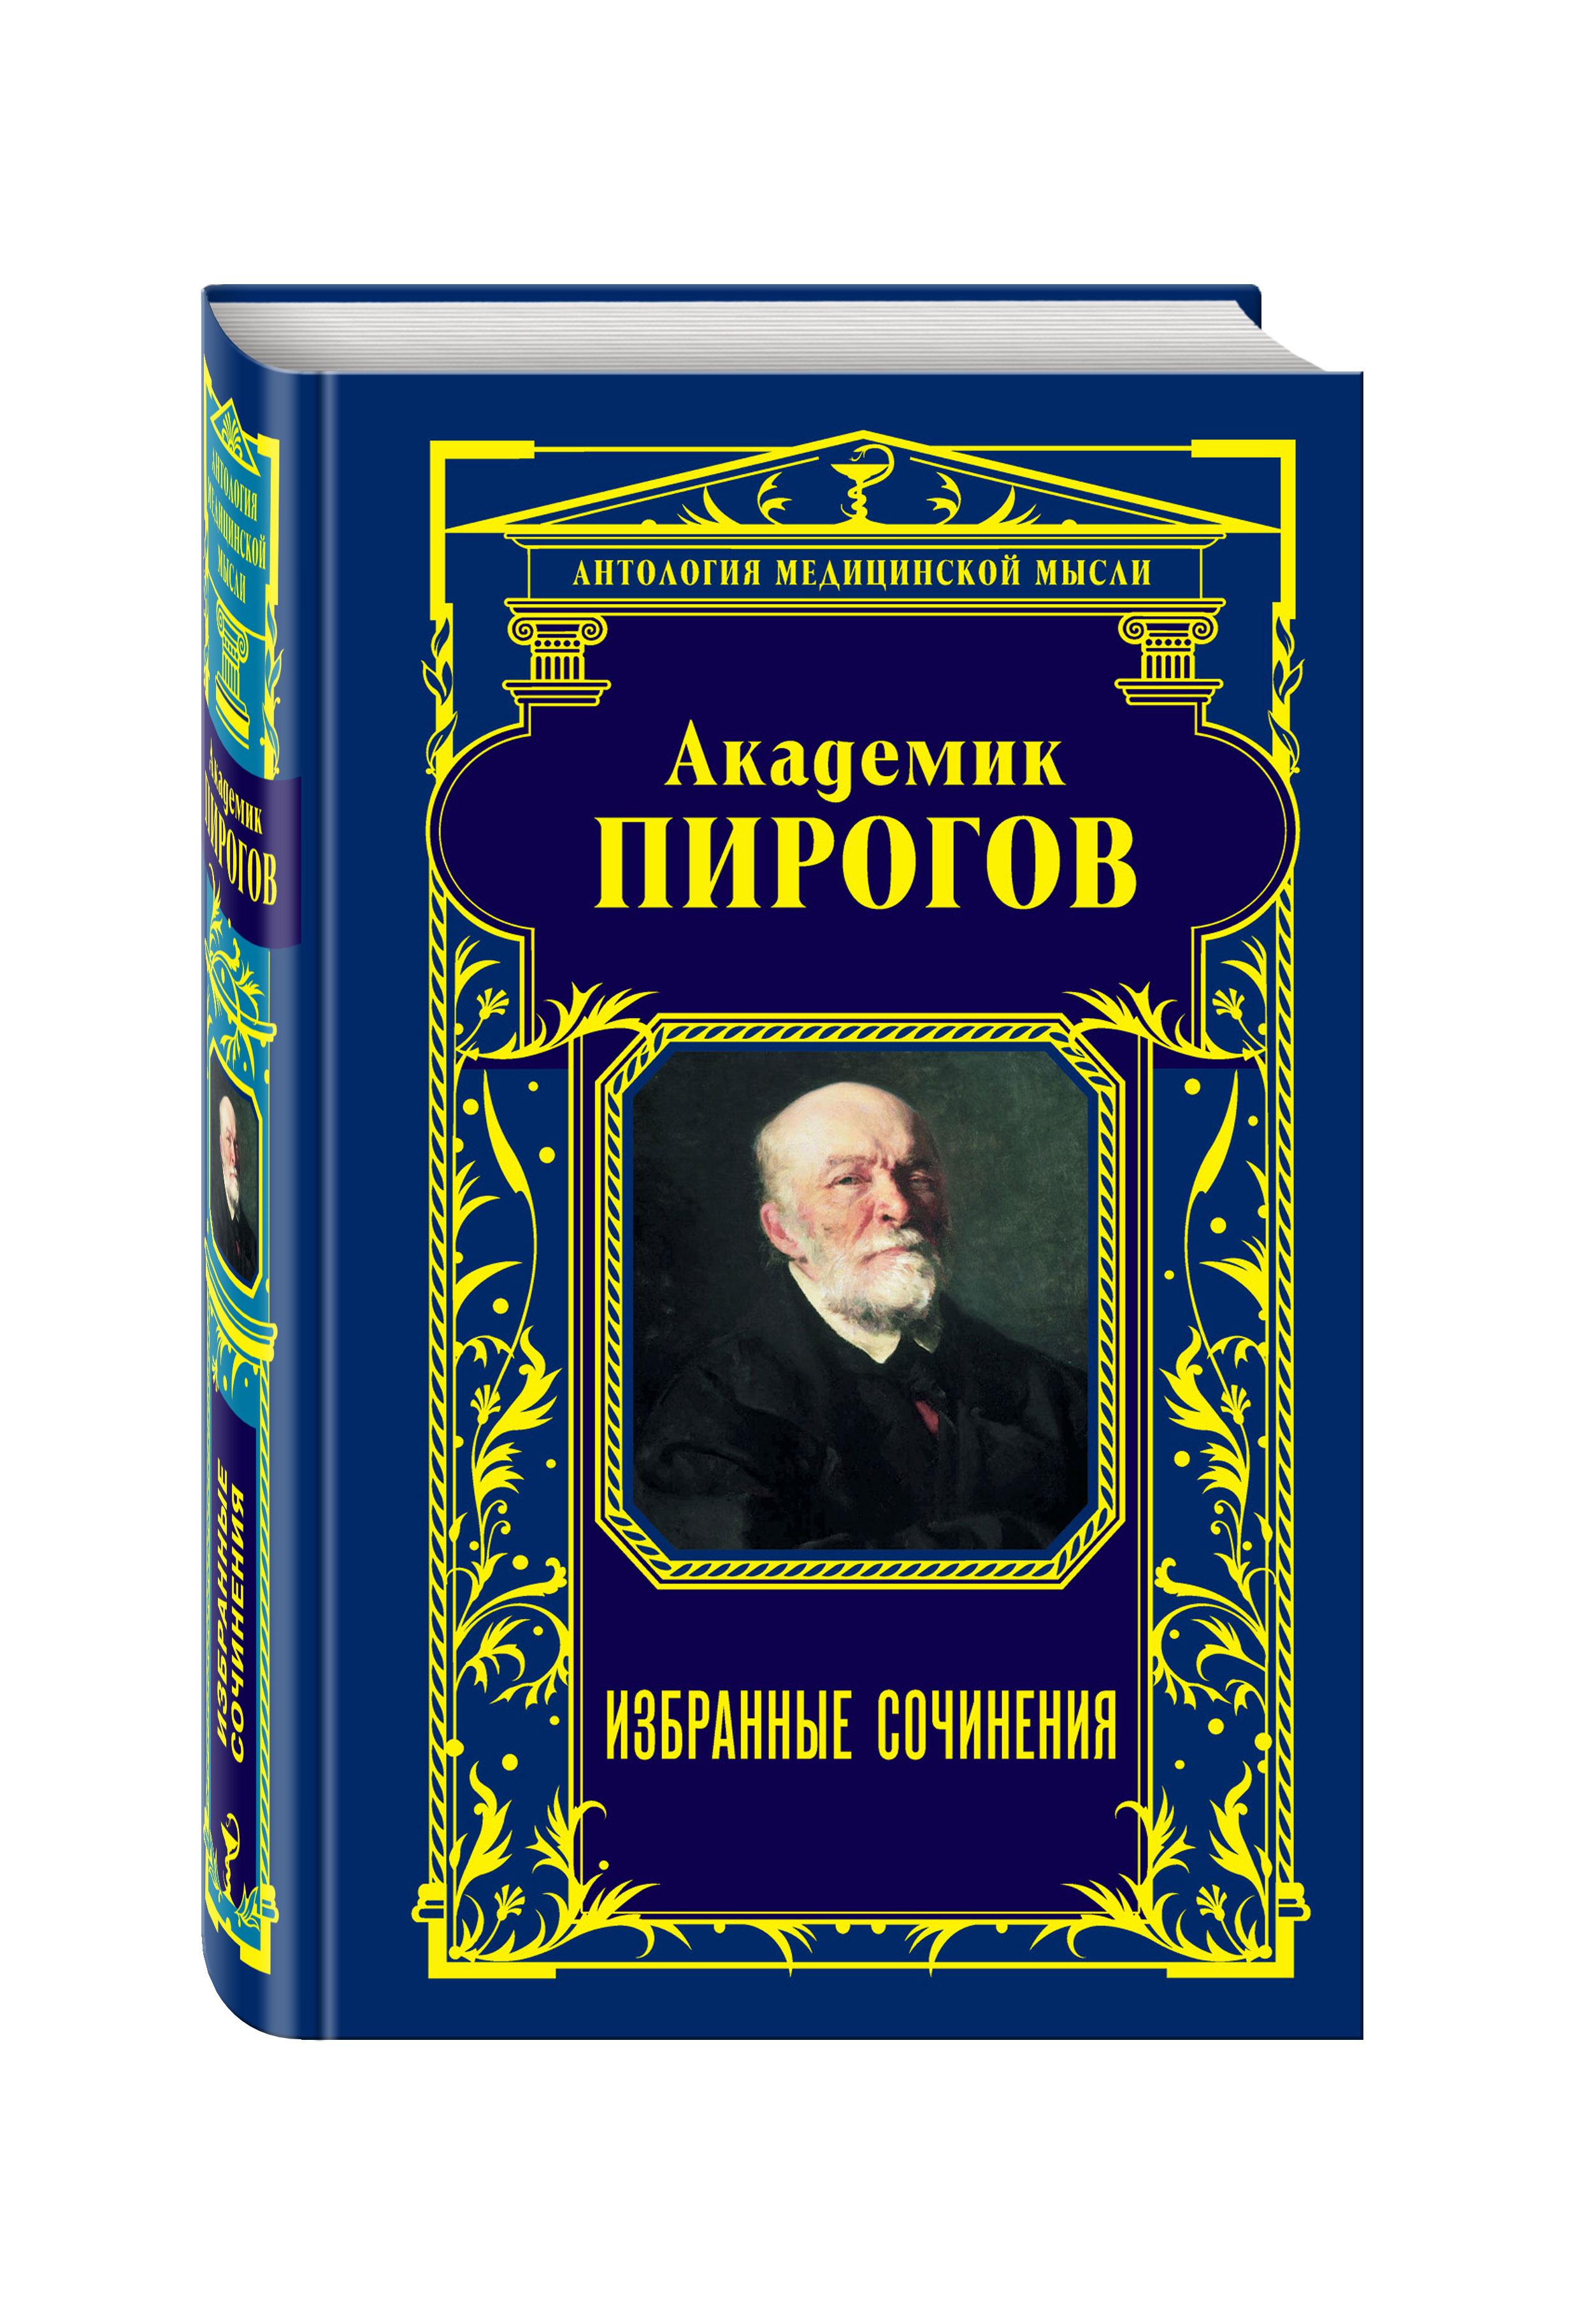 Н. И. Пирогов Академик Пирогов. Избранные сочинения